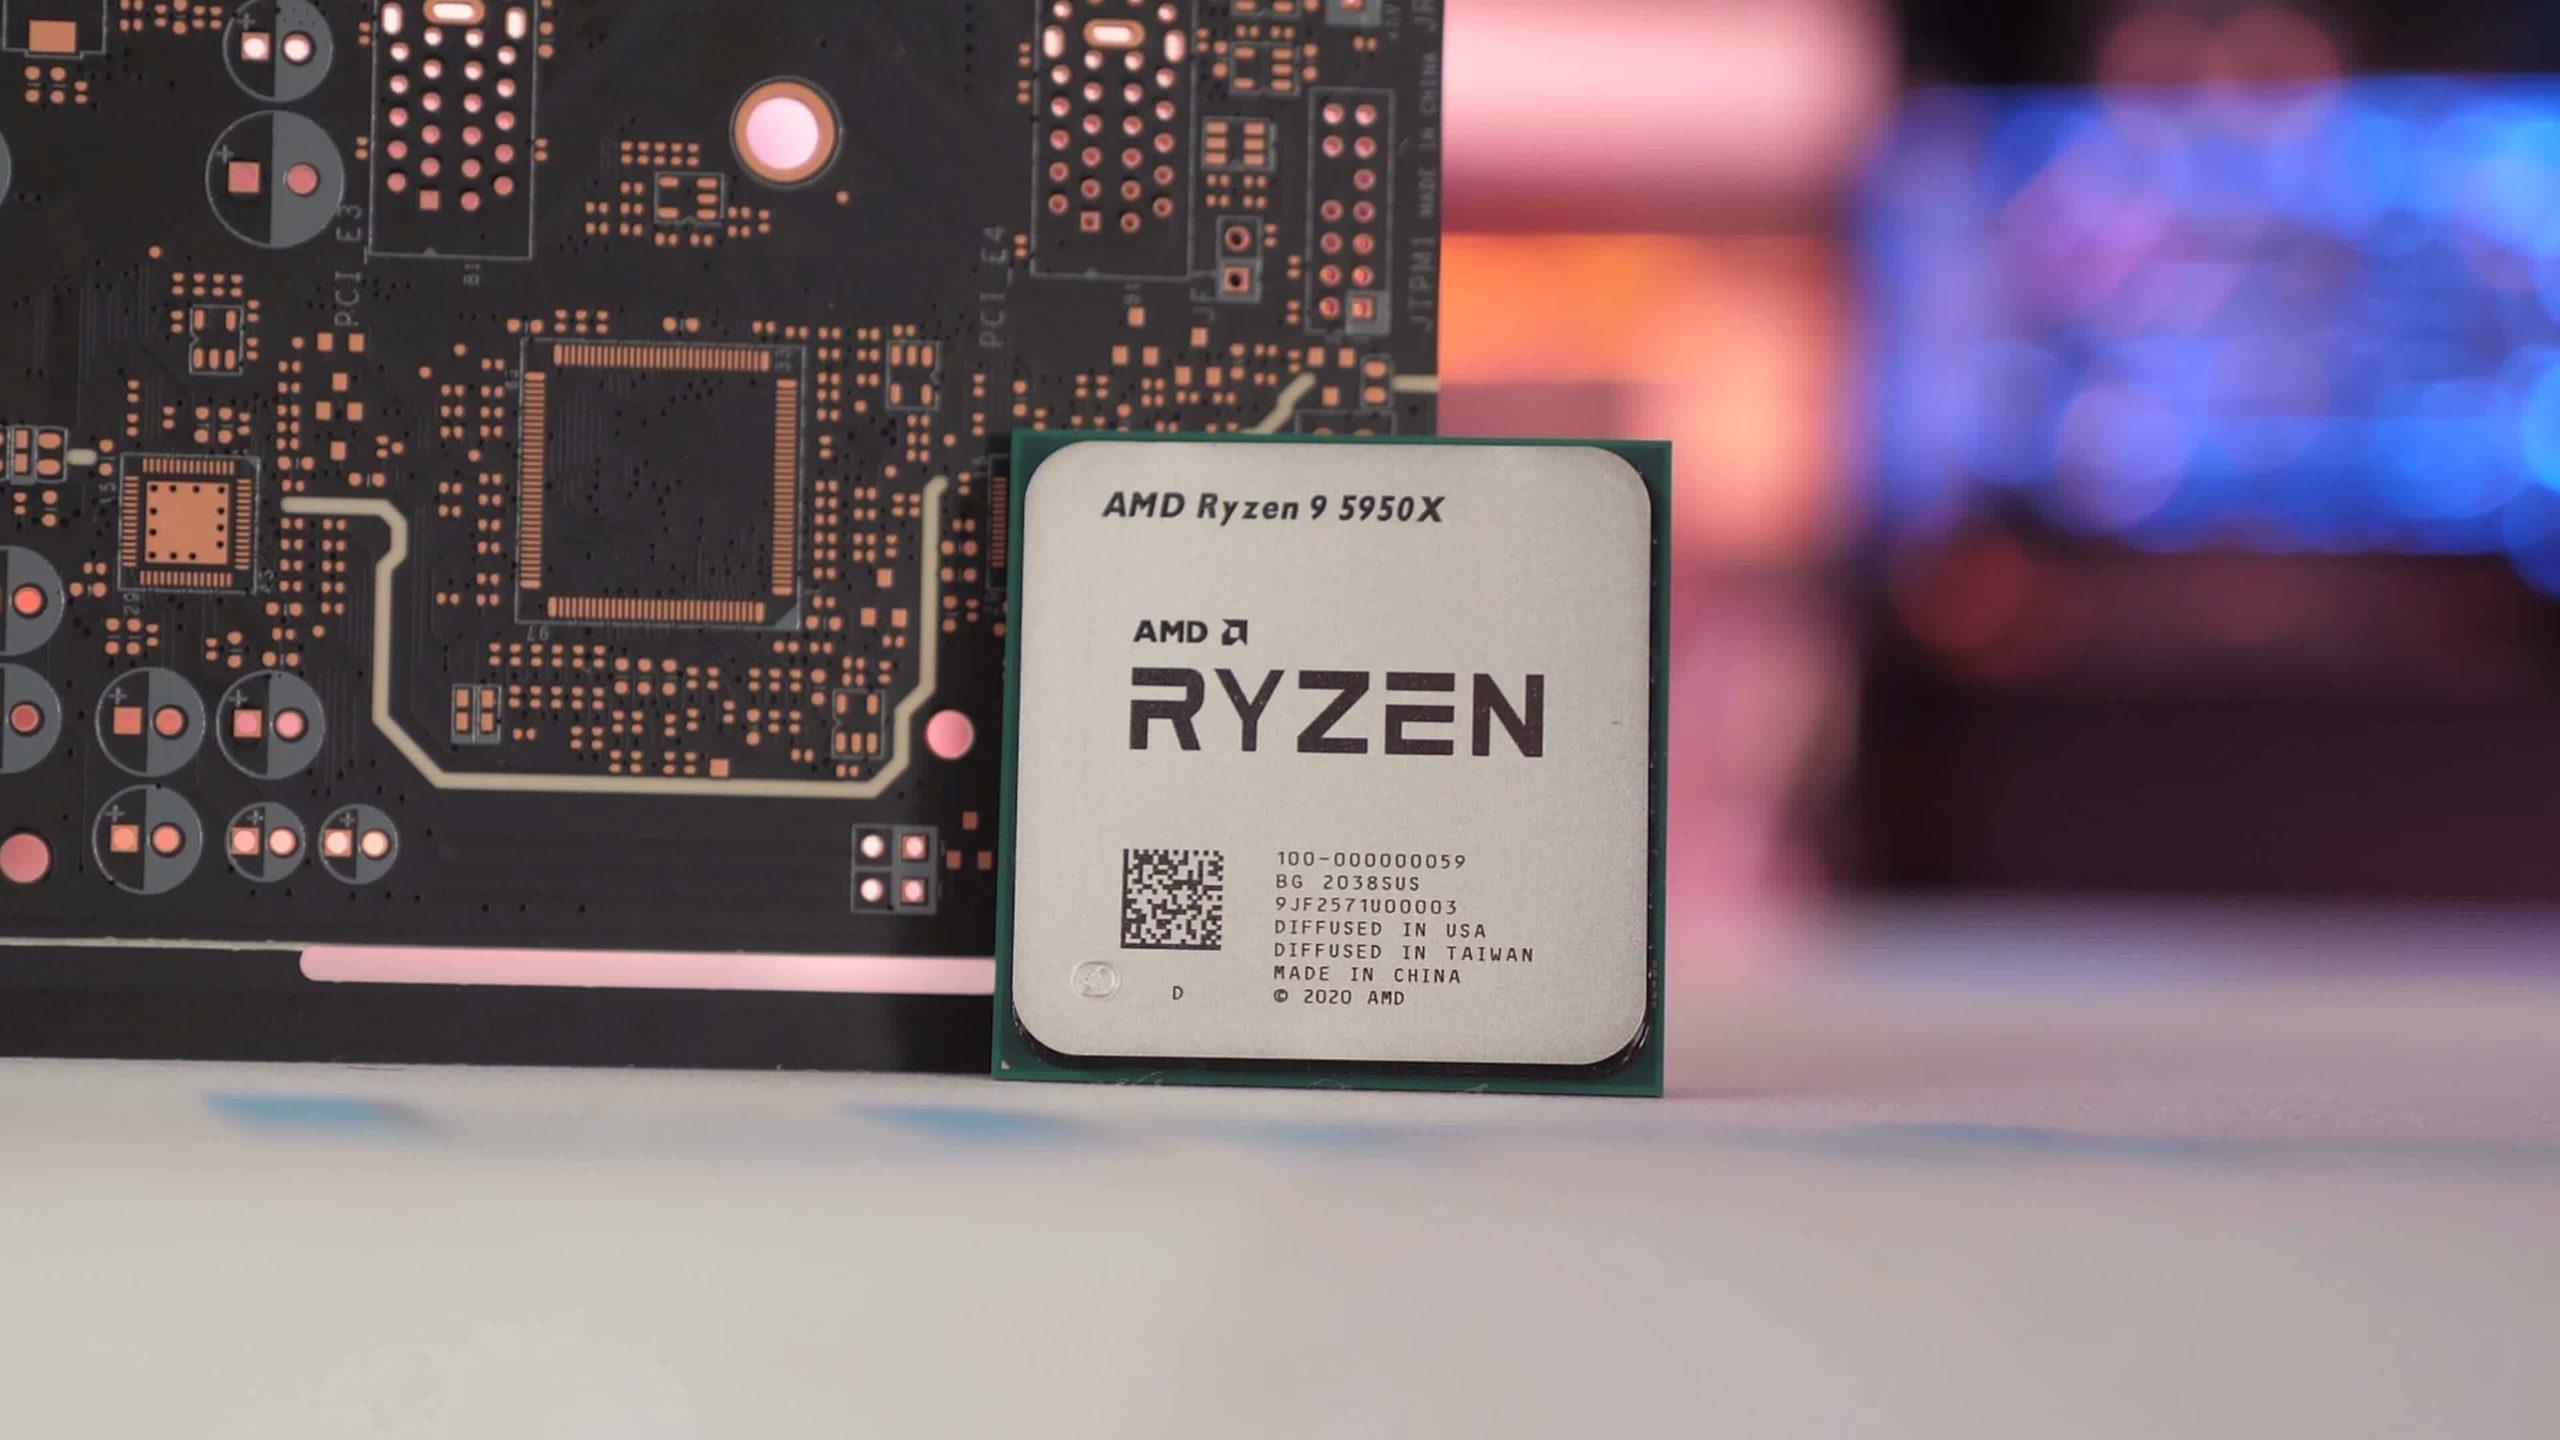 AMD Ryzen 9 5950X: miglior processore di fascia alta per la produttività